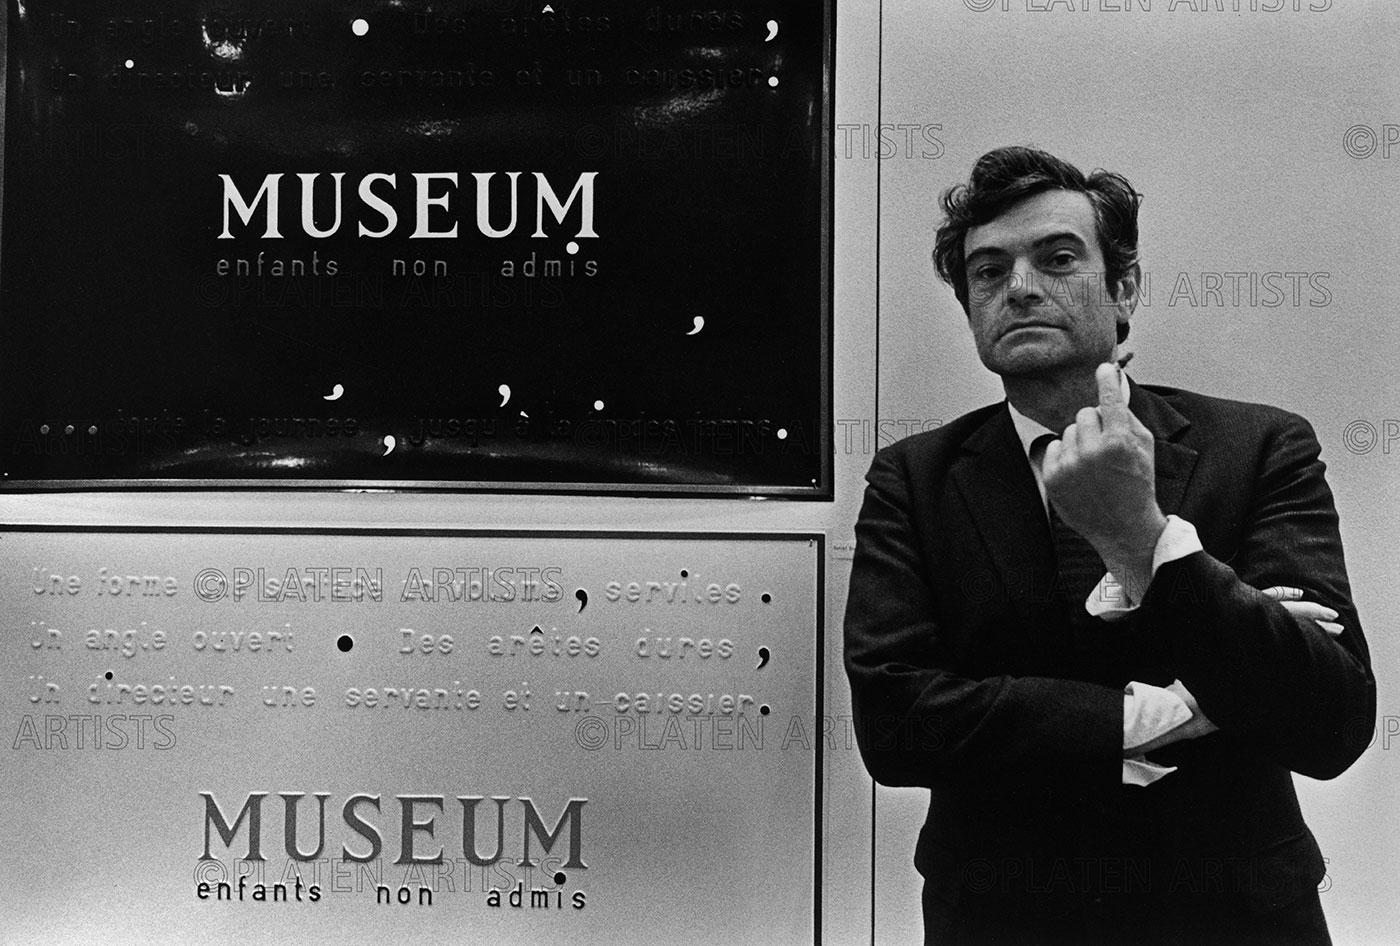 Marcel Broodthaers, Musée d'art Moderne: Kinder nicht zugelassen, Düsseldorf, 1968